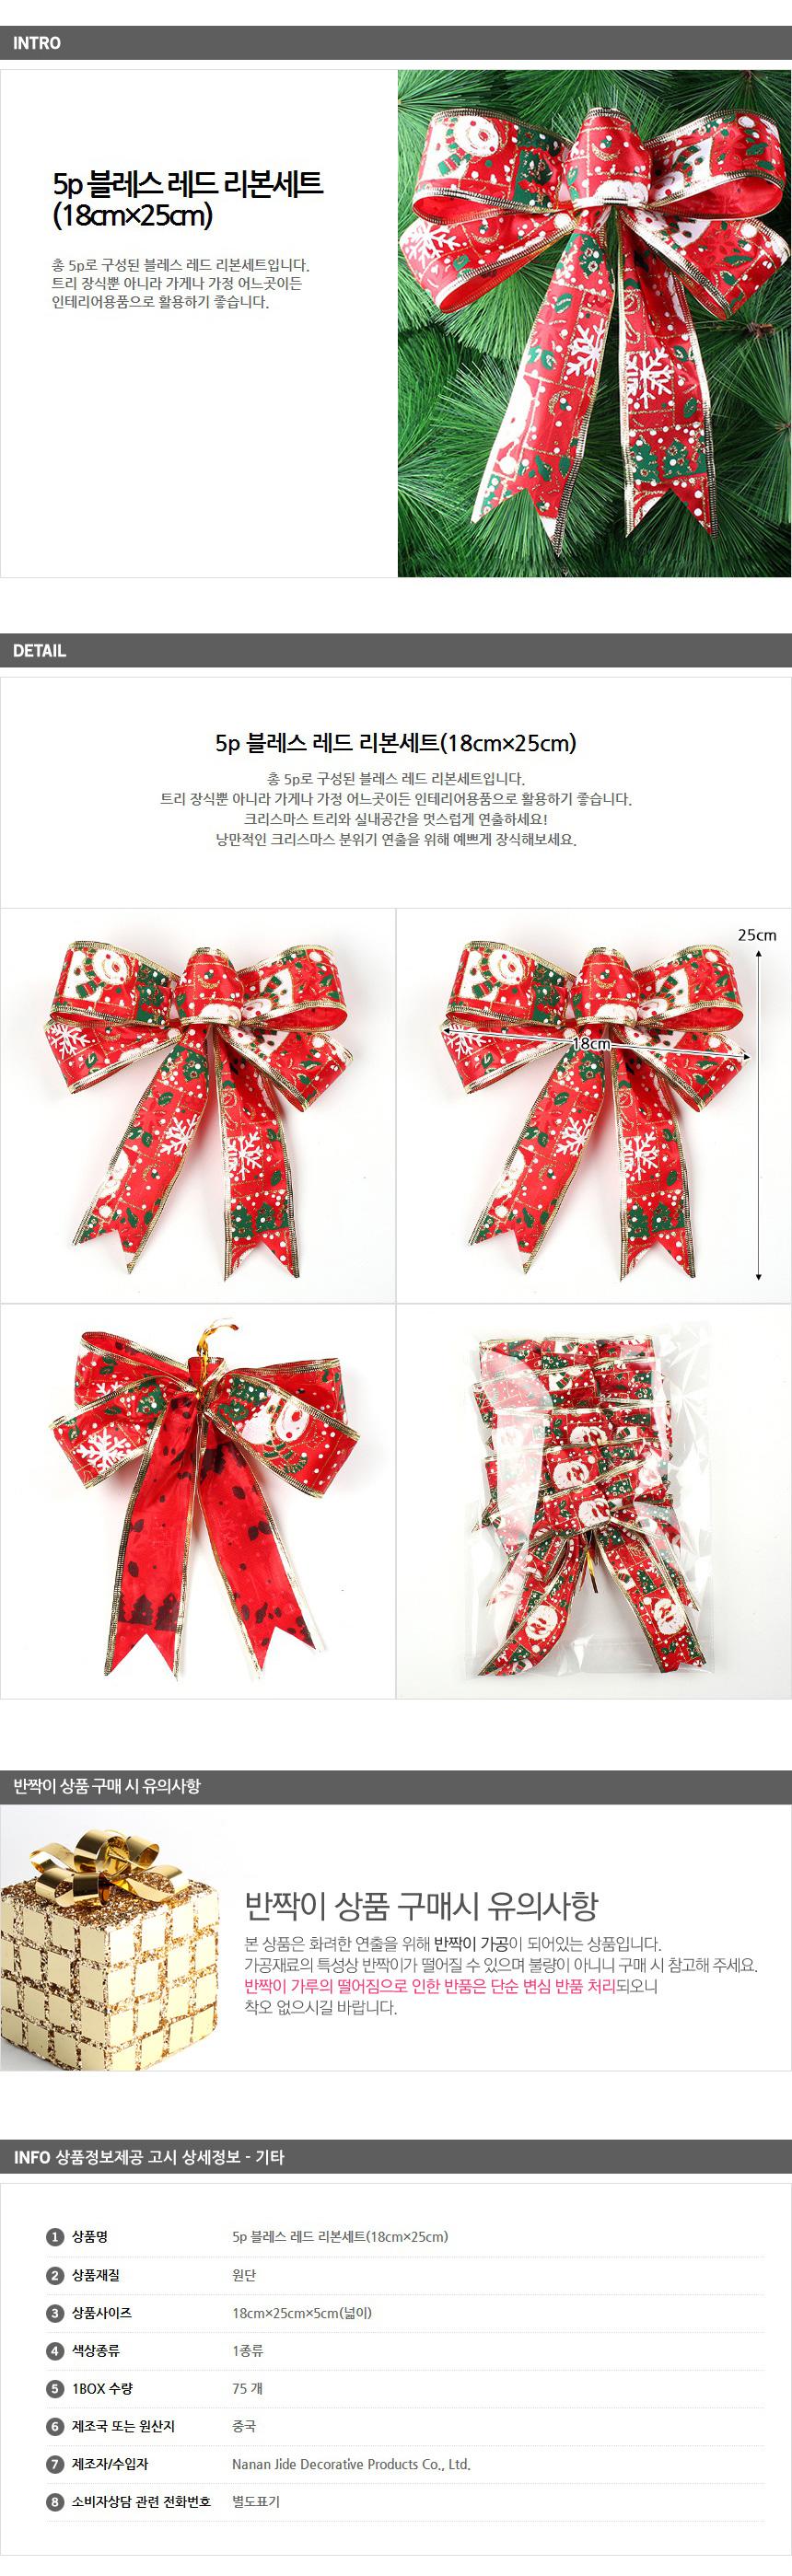 산타그림 레드리본세트5p 트리꾸미기 장식재료 - 기프트갓, 5,030원, 장식품, 오너먼트